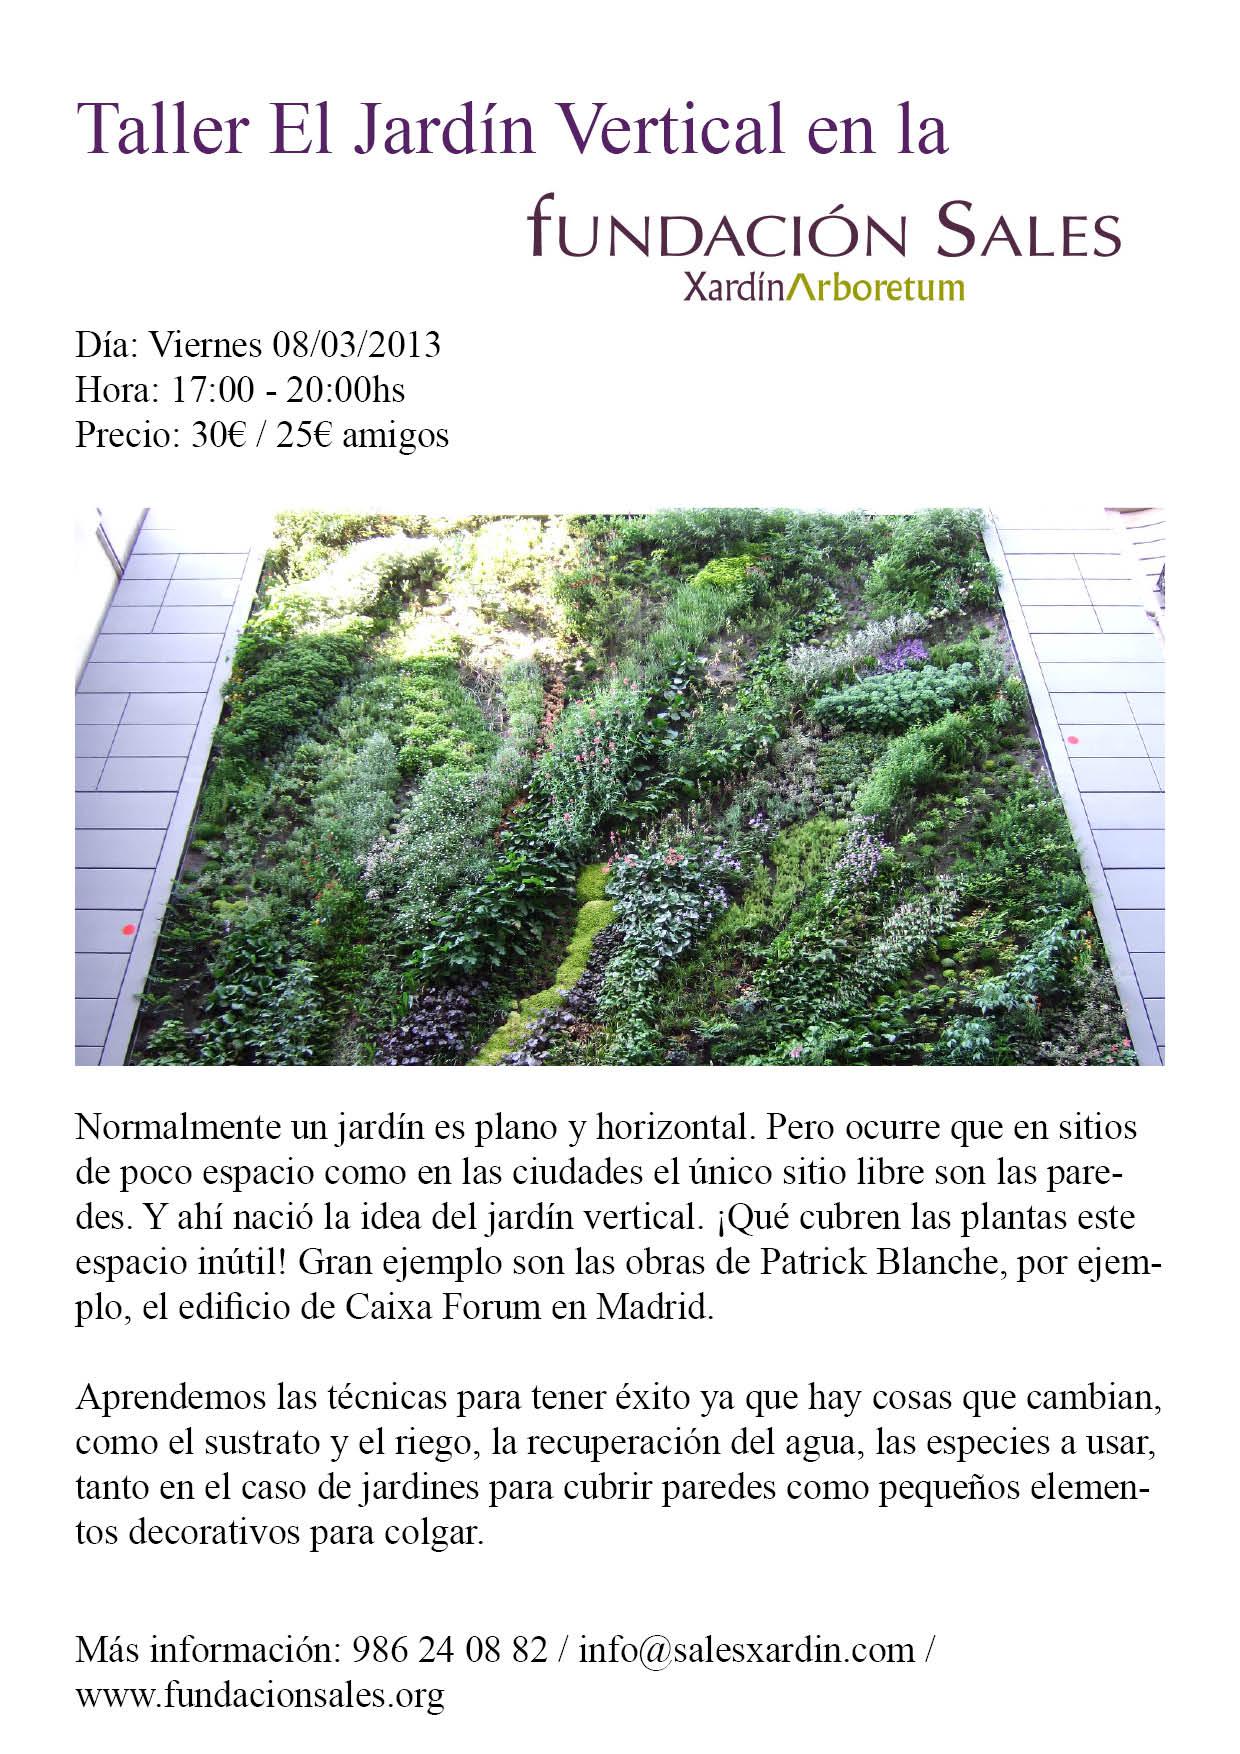 Taller el jard n vertical ginkgo news fundaci n sales - El jardin vertical ...